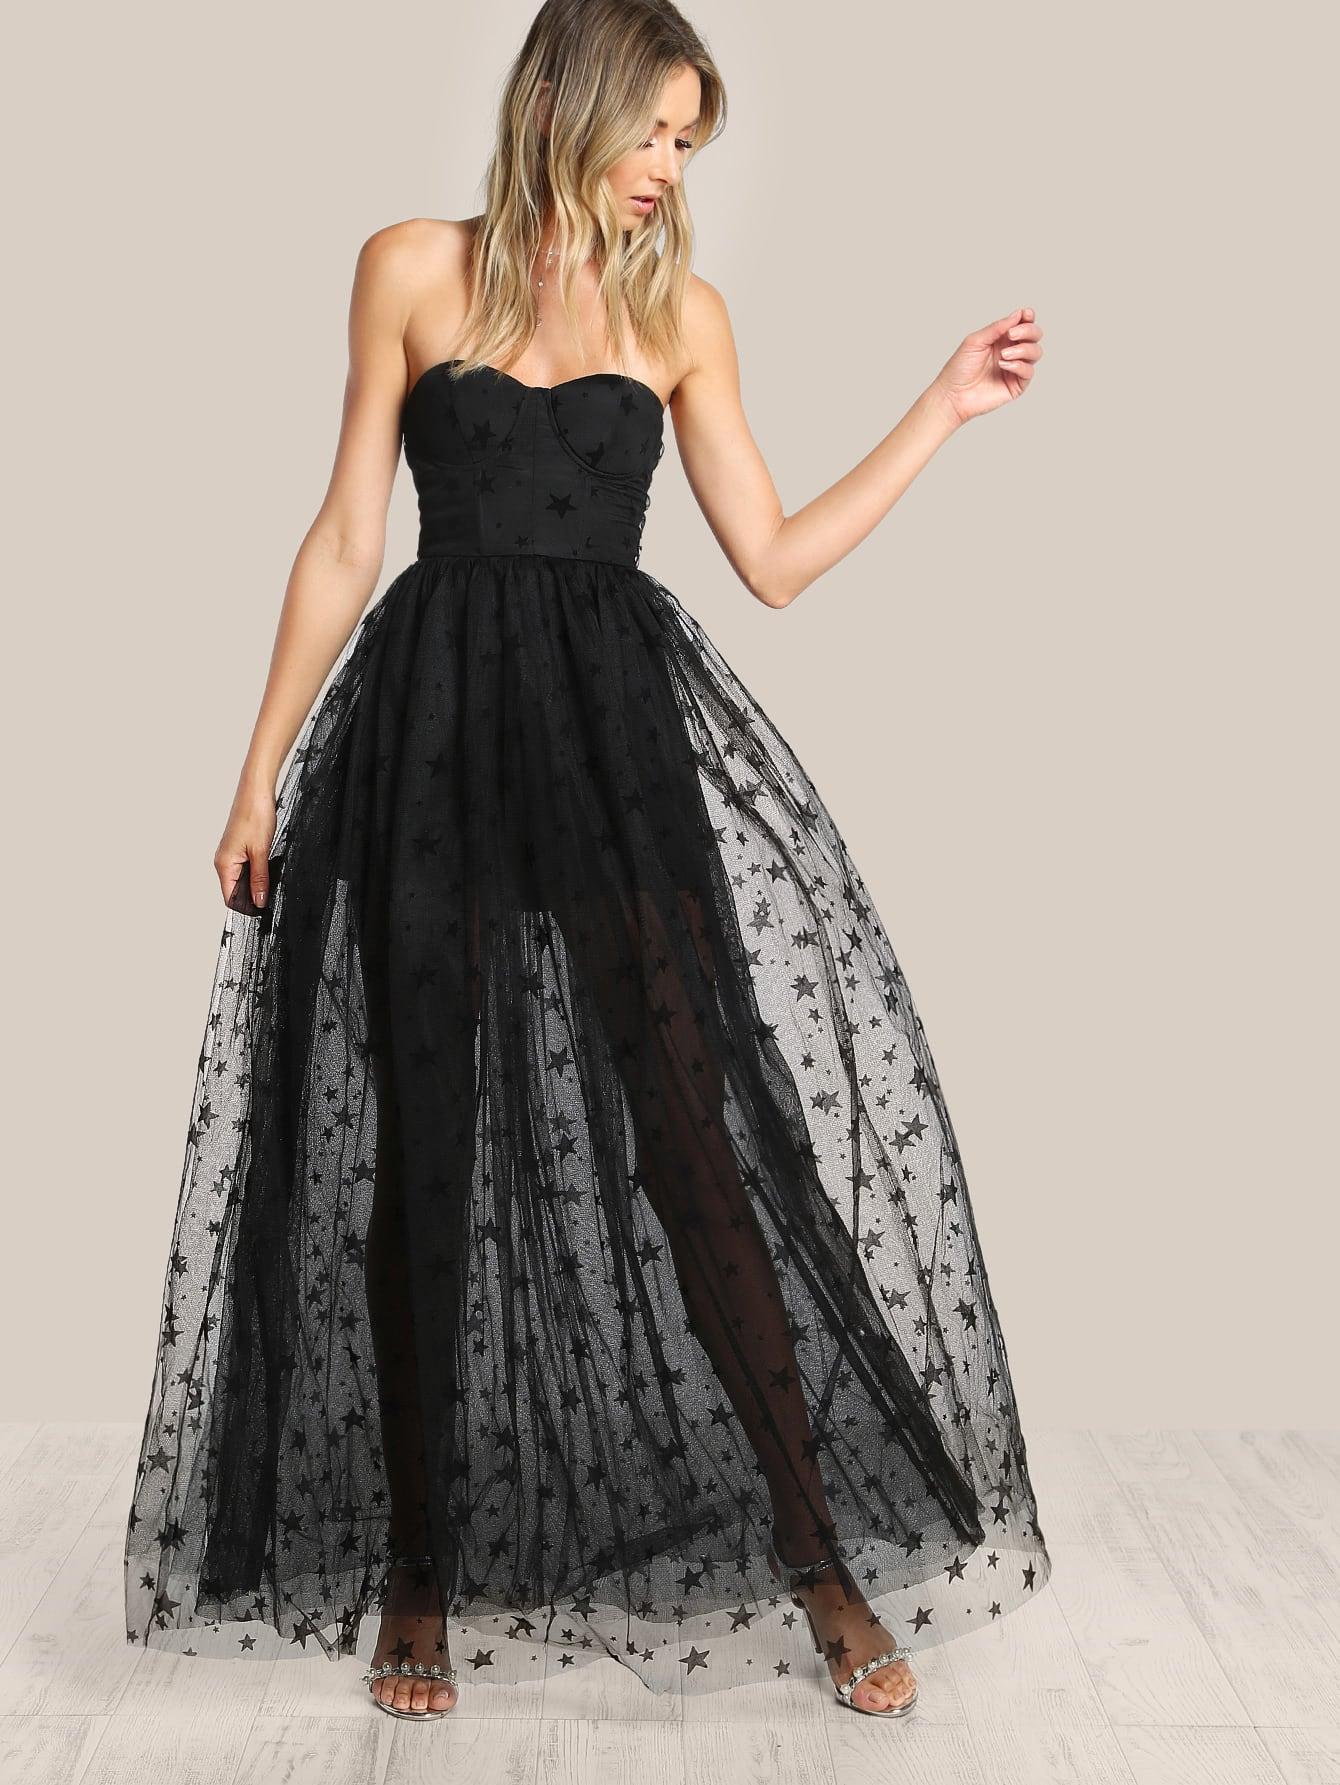 Star Flock Mesh Overlay Strapless Bustier Dress Shein